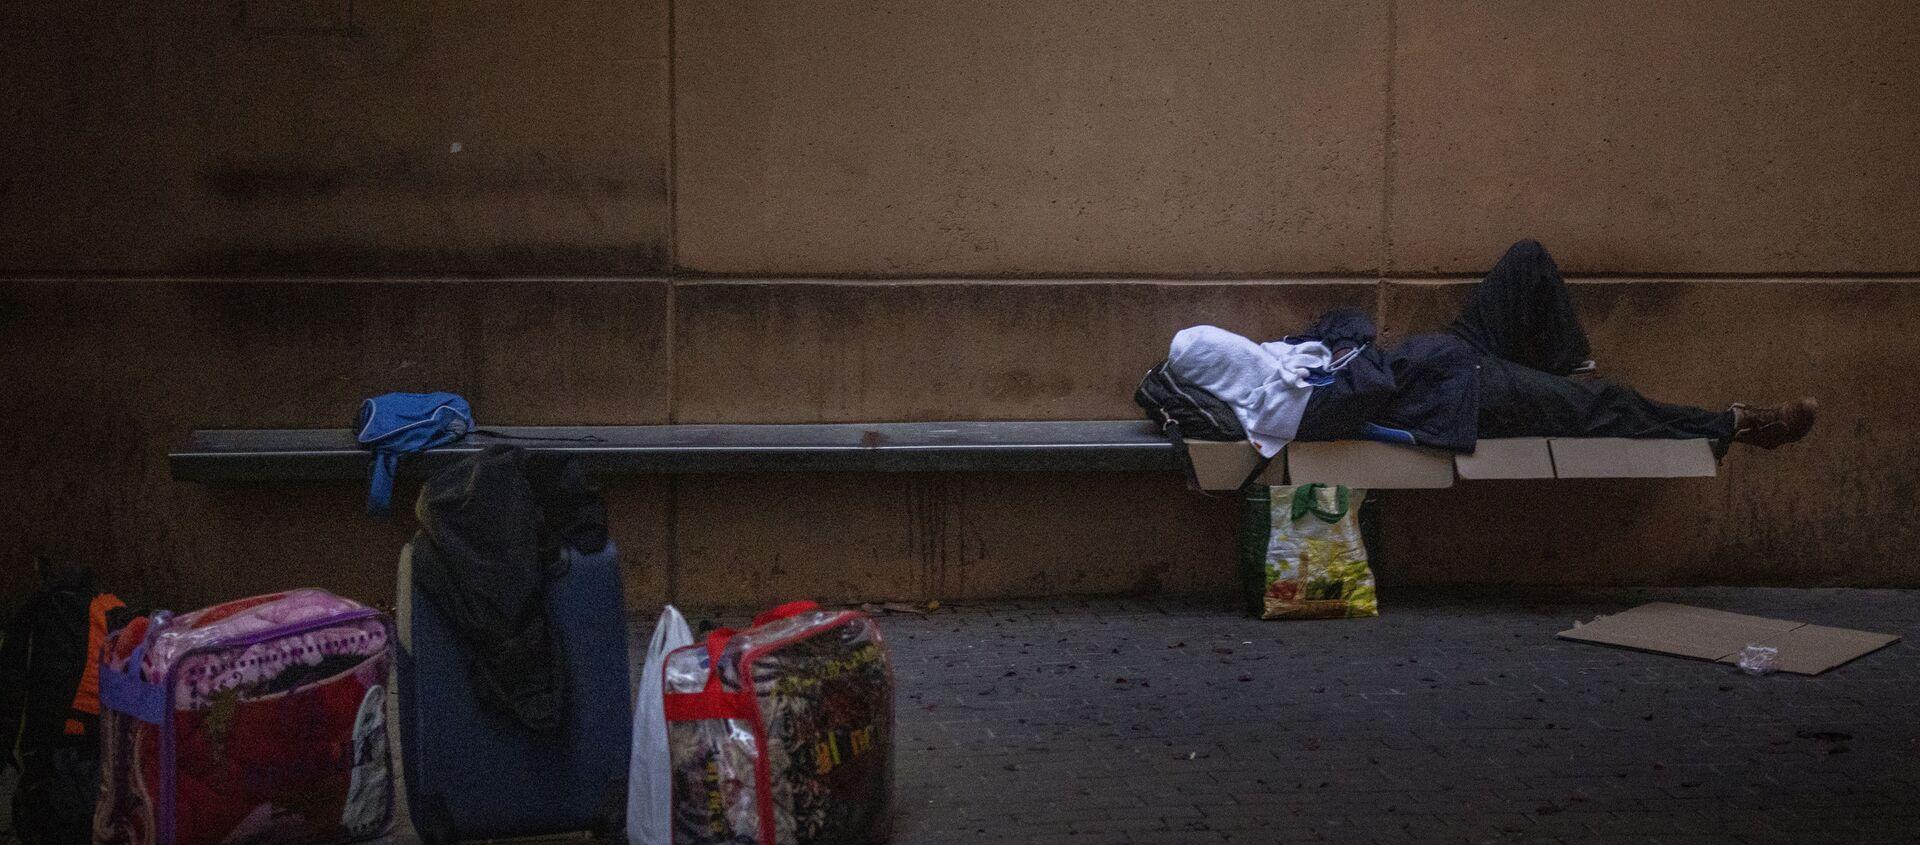 Un hombre duerme en una plaza en Lleida, España, el jueves 2 de julio de 2020 - Sputnik Mundo, 1920, 08.07.2020